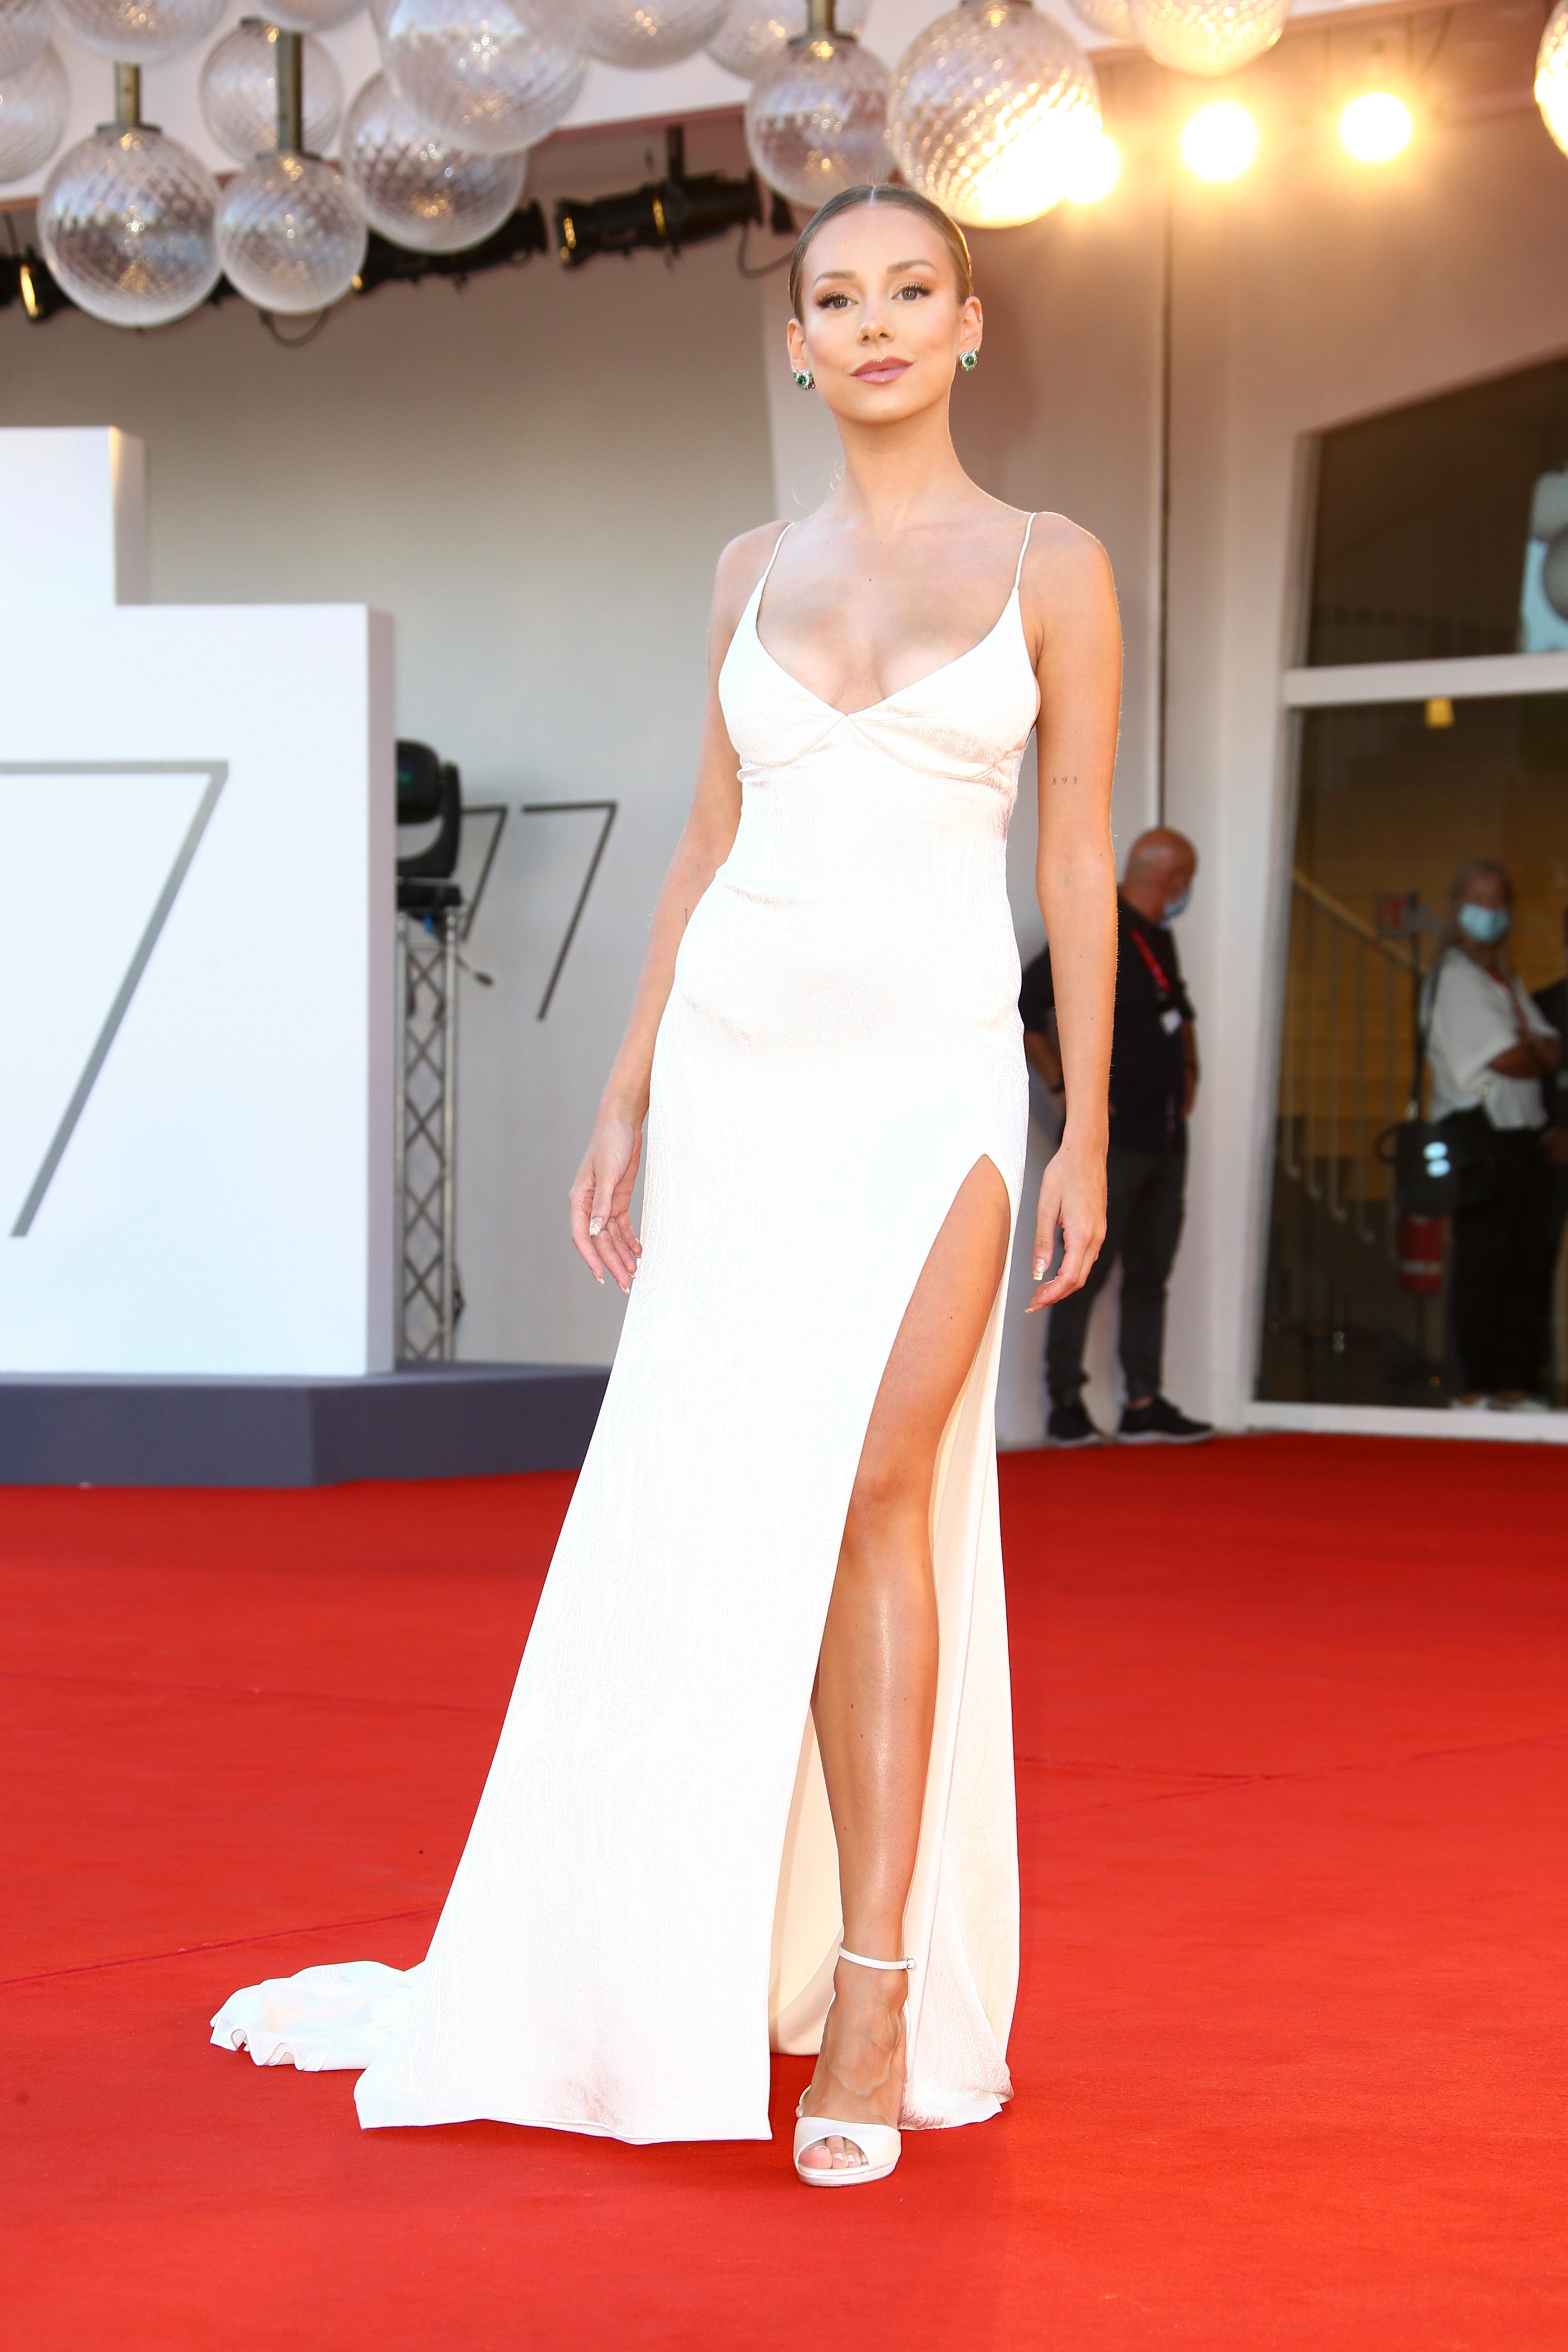 La actriz española Ester Espósito, deslumbró también en la red carpet con un vestido blanco firmado por Etro. El diseño elegido tenia una gran espalda con tientos y un gran escote V. Para su estilismo eligió una pony tail y un maquillaje al natural